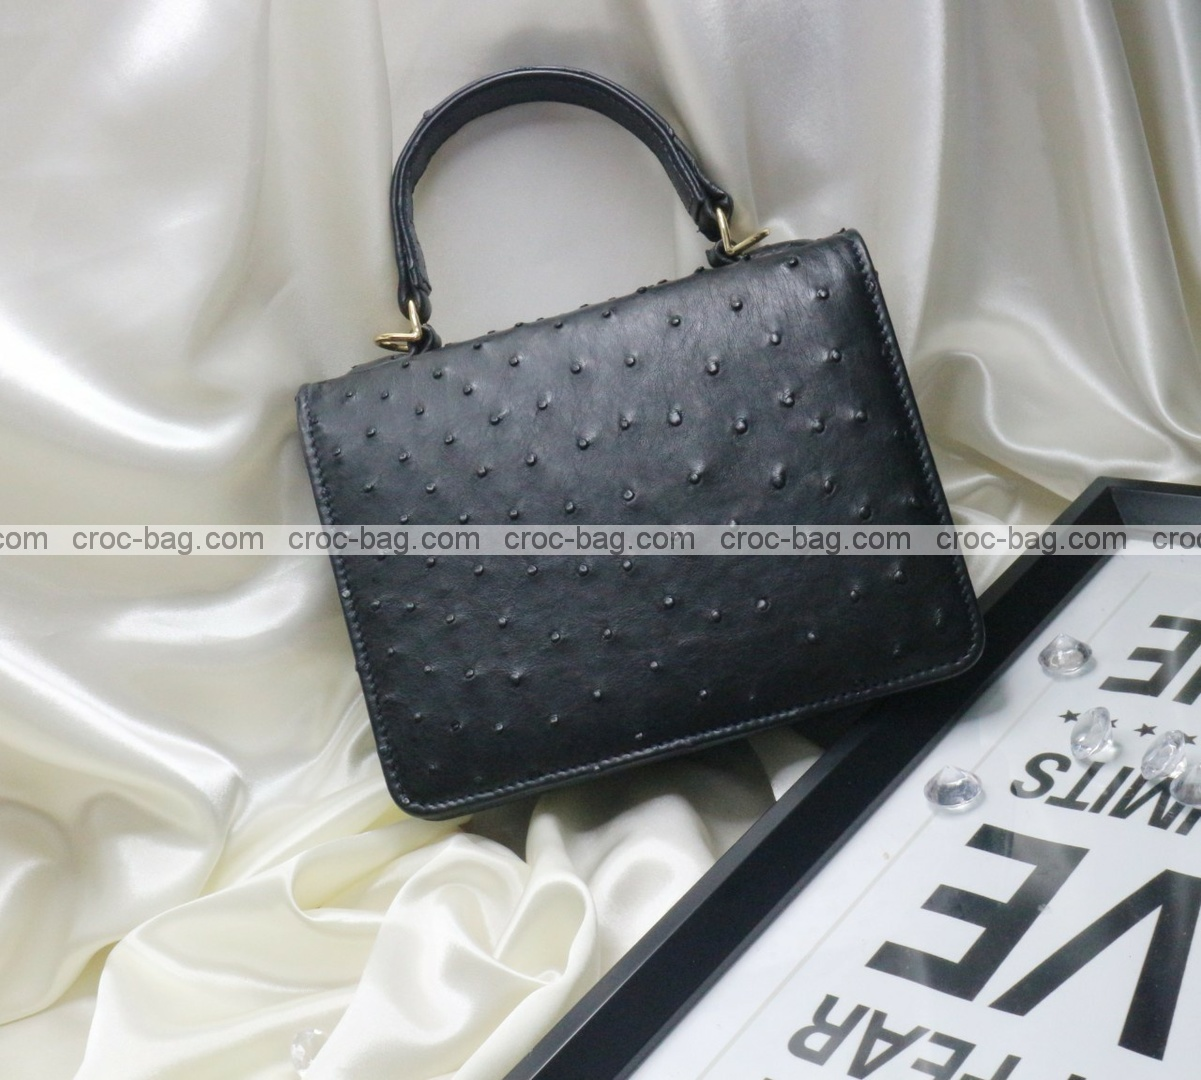 กระเป๋าหนังนกกระจอกเทศหรับผู้หญิง 5287